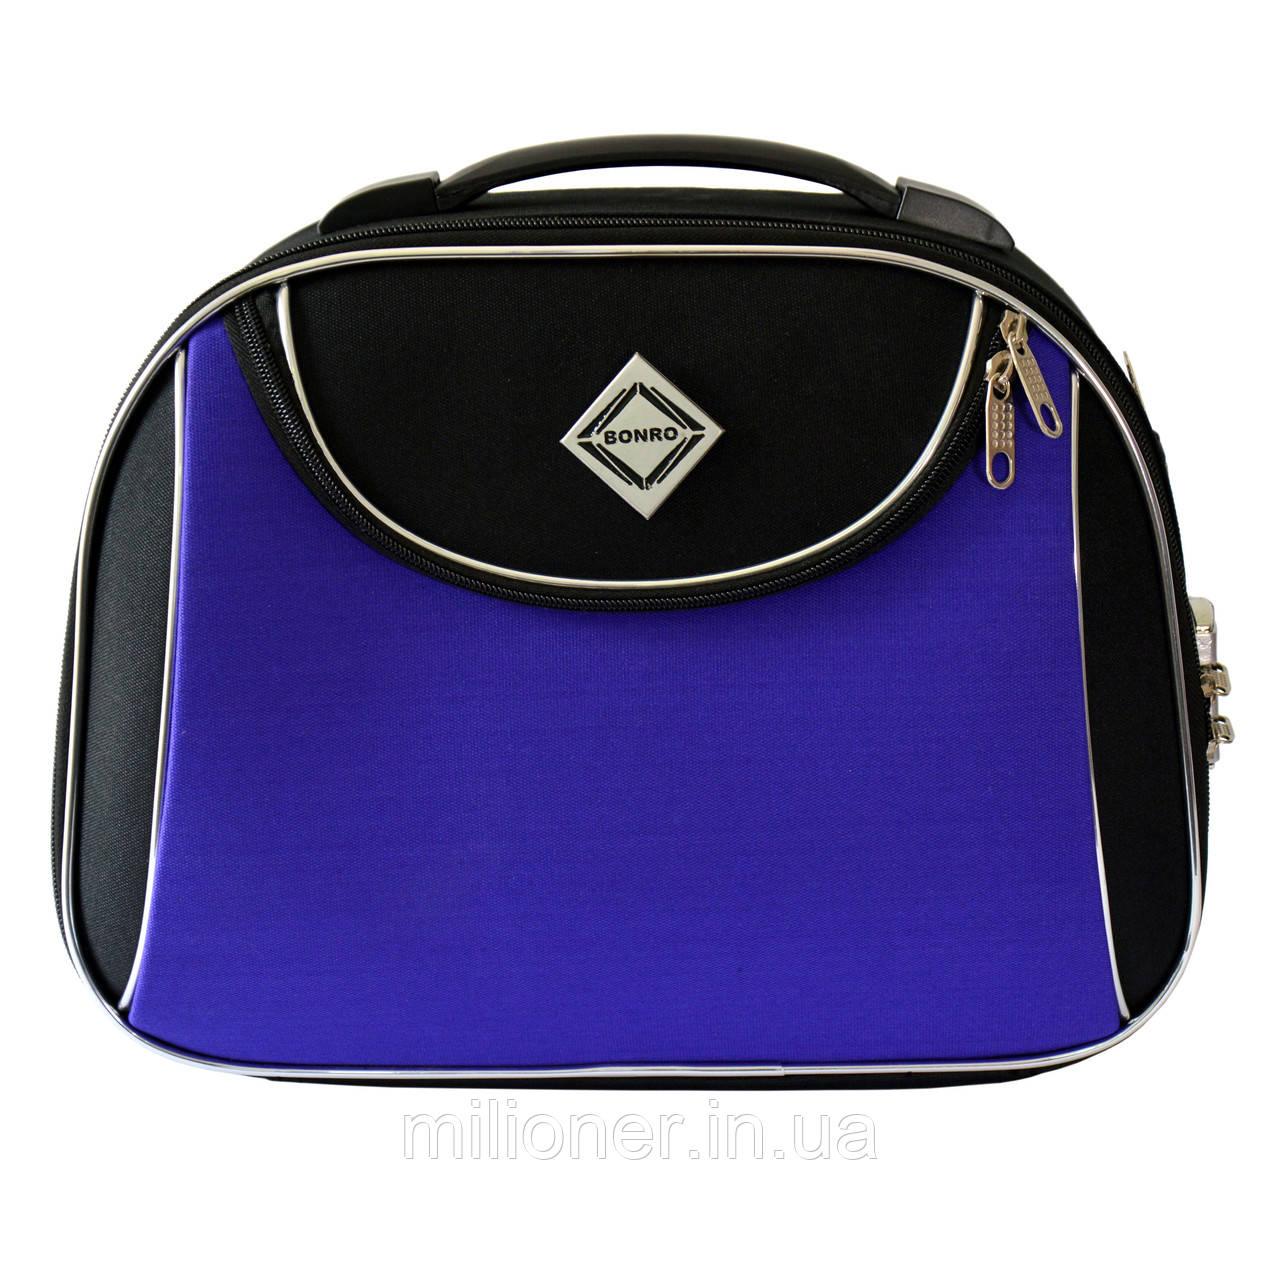 Сумка кейс саквояж Bonro Style (небольшой) черно-фиолетовый